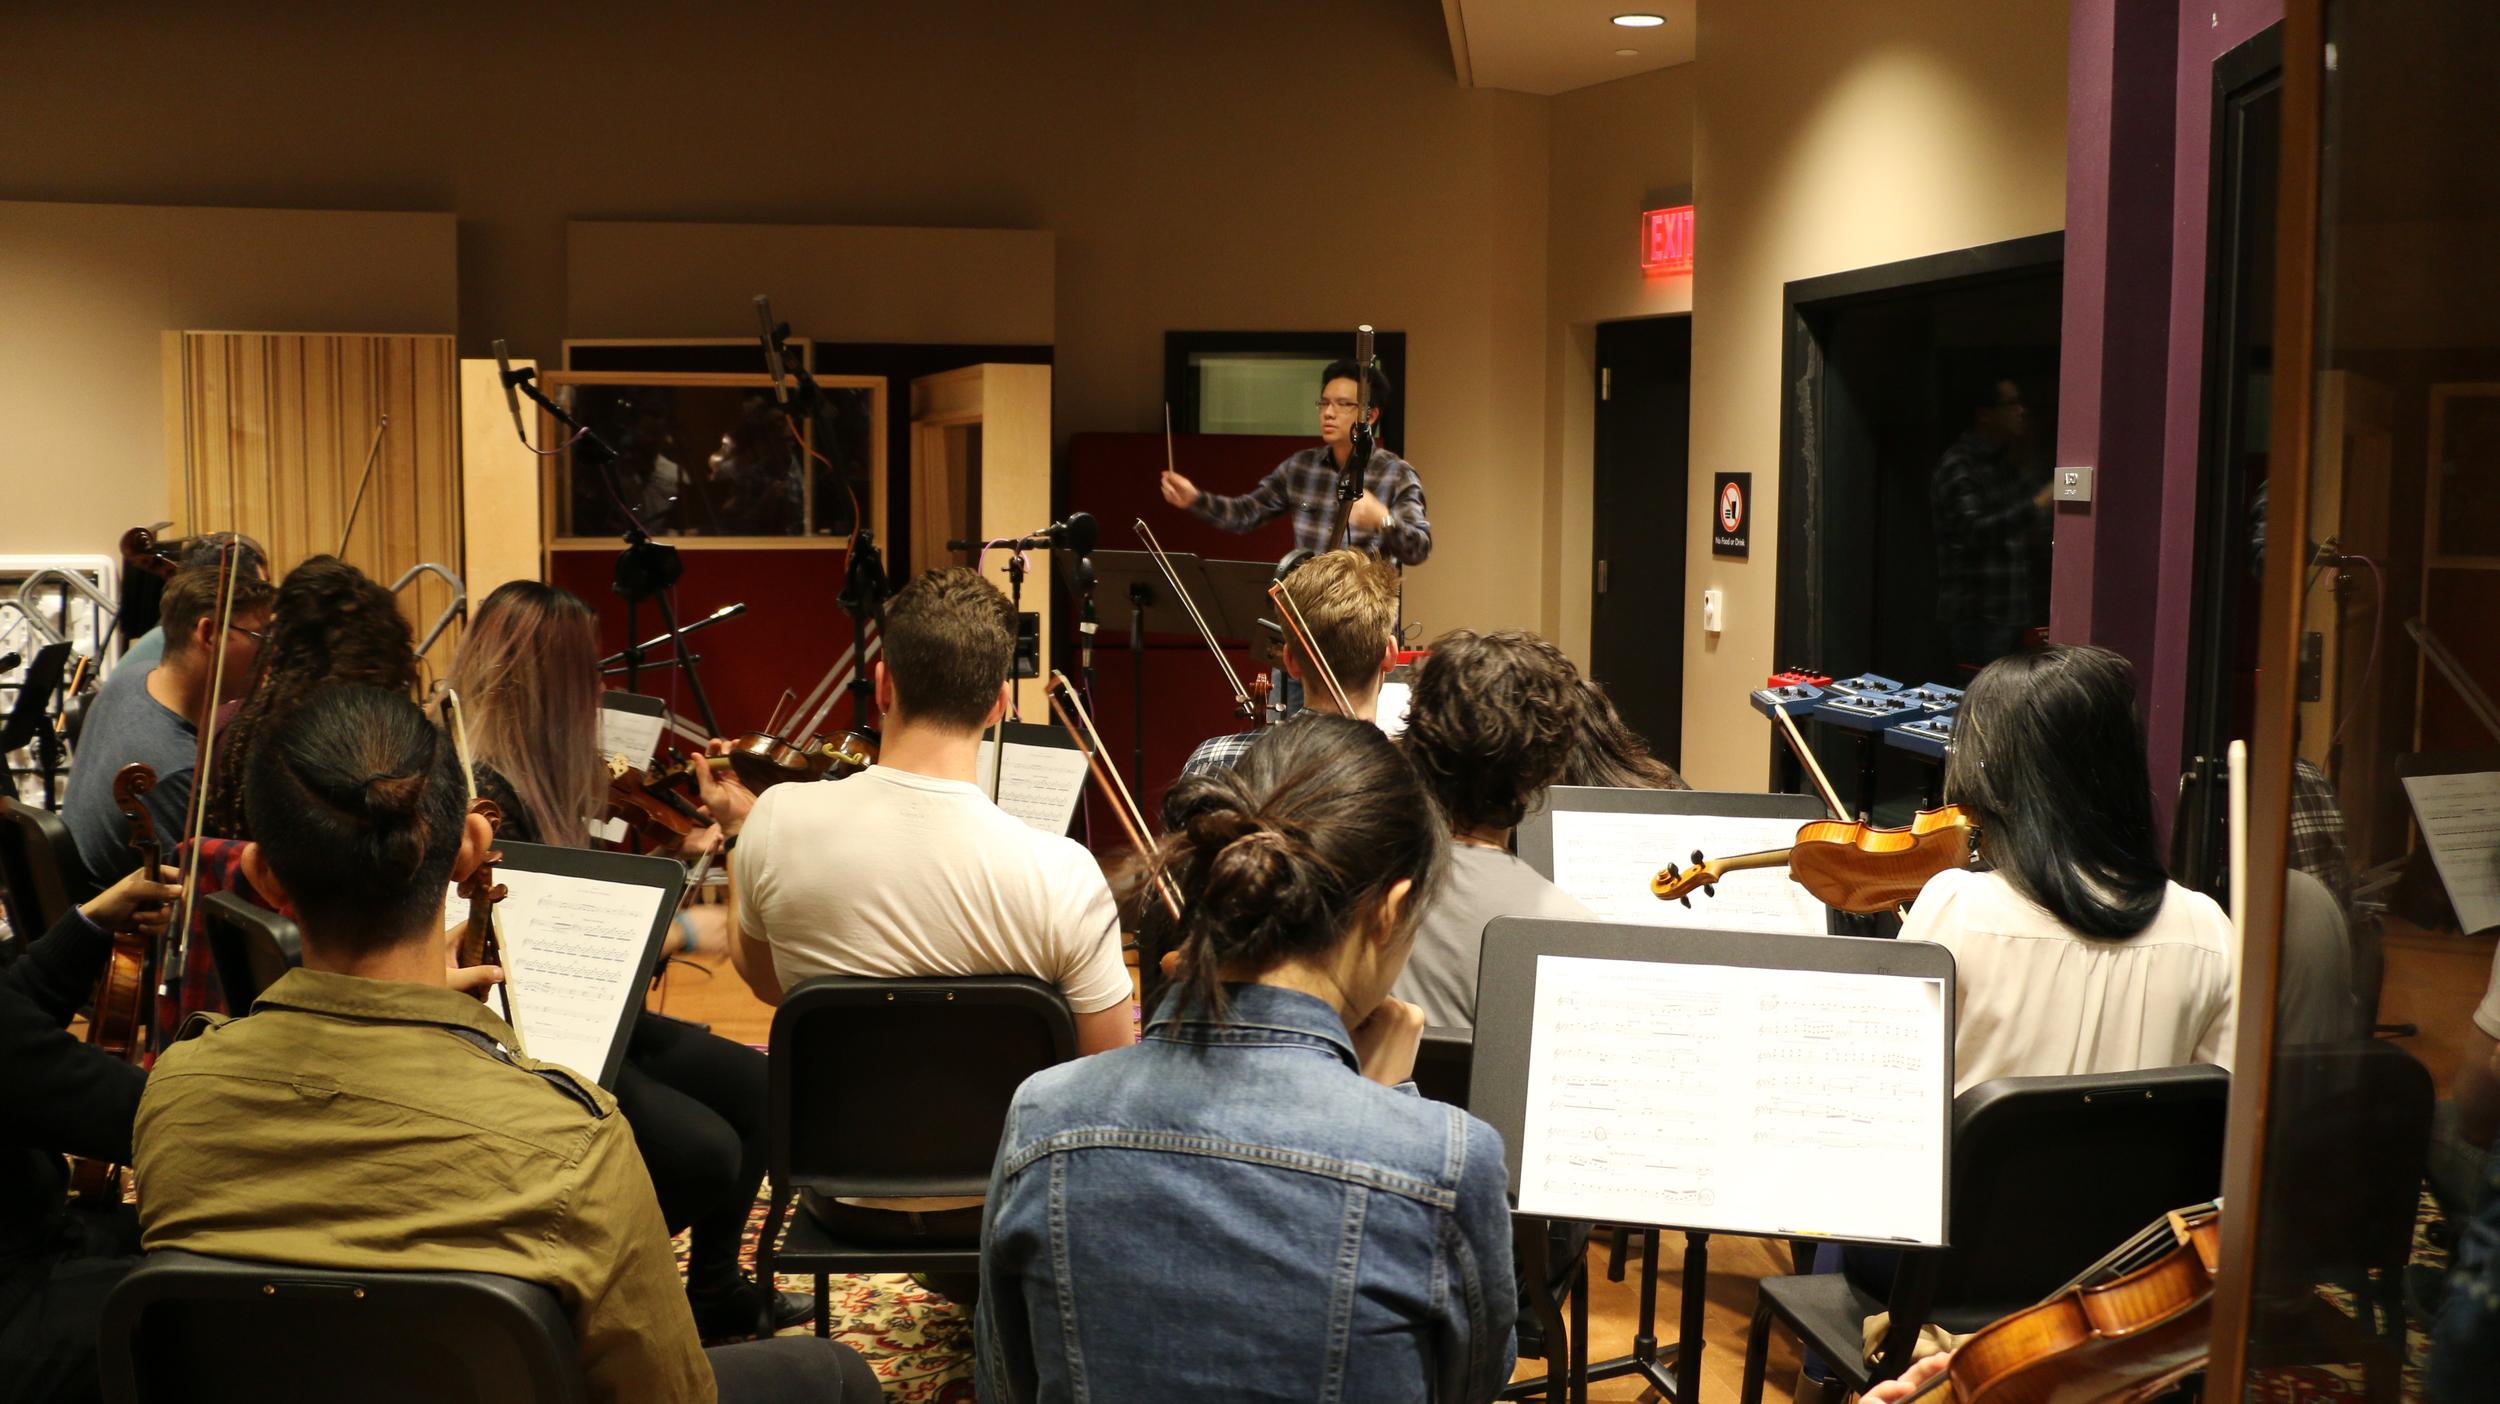 """Recorded my arrangement & recomposition of Joyful Joyful """"Joy in the Midst of Darkness"""" at Berklee Studio 2."""